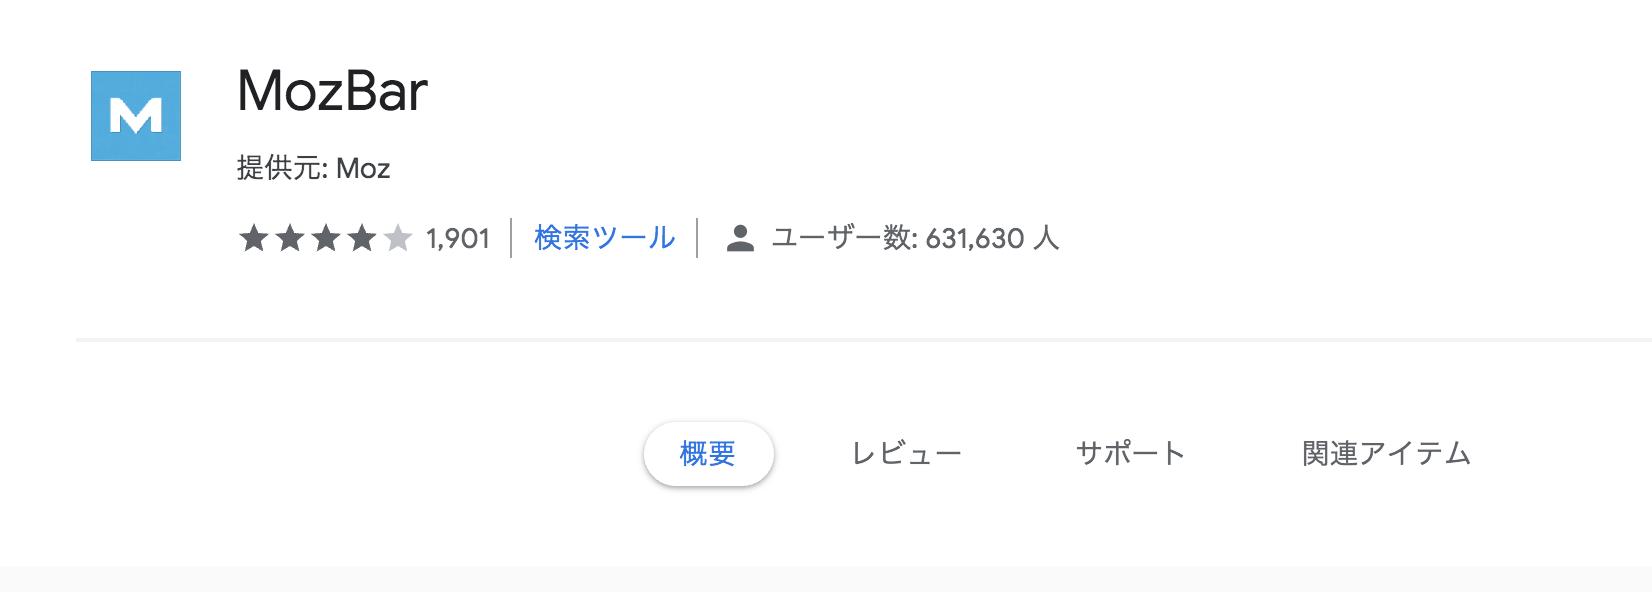 SEO対策 GoogleChrome 拡張機能 Mozbar